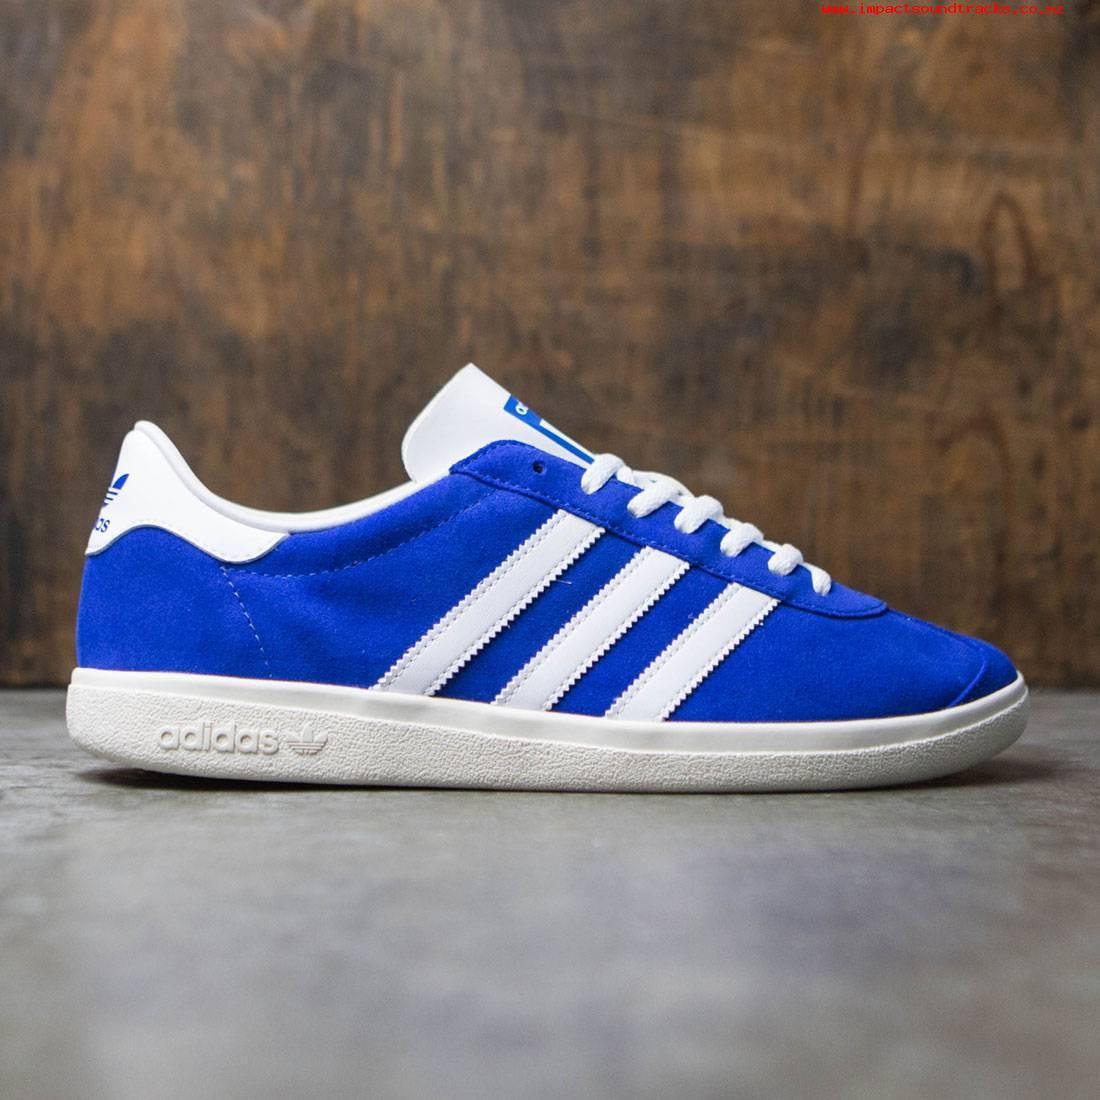 adidas Originals Mens Jogger SPZL Trainers £31.98 delivered @ MandM Direct